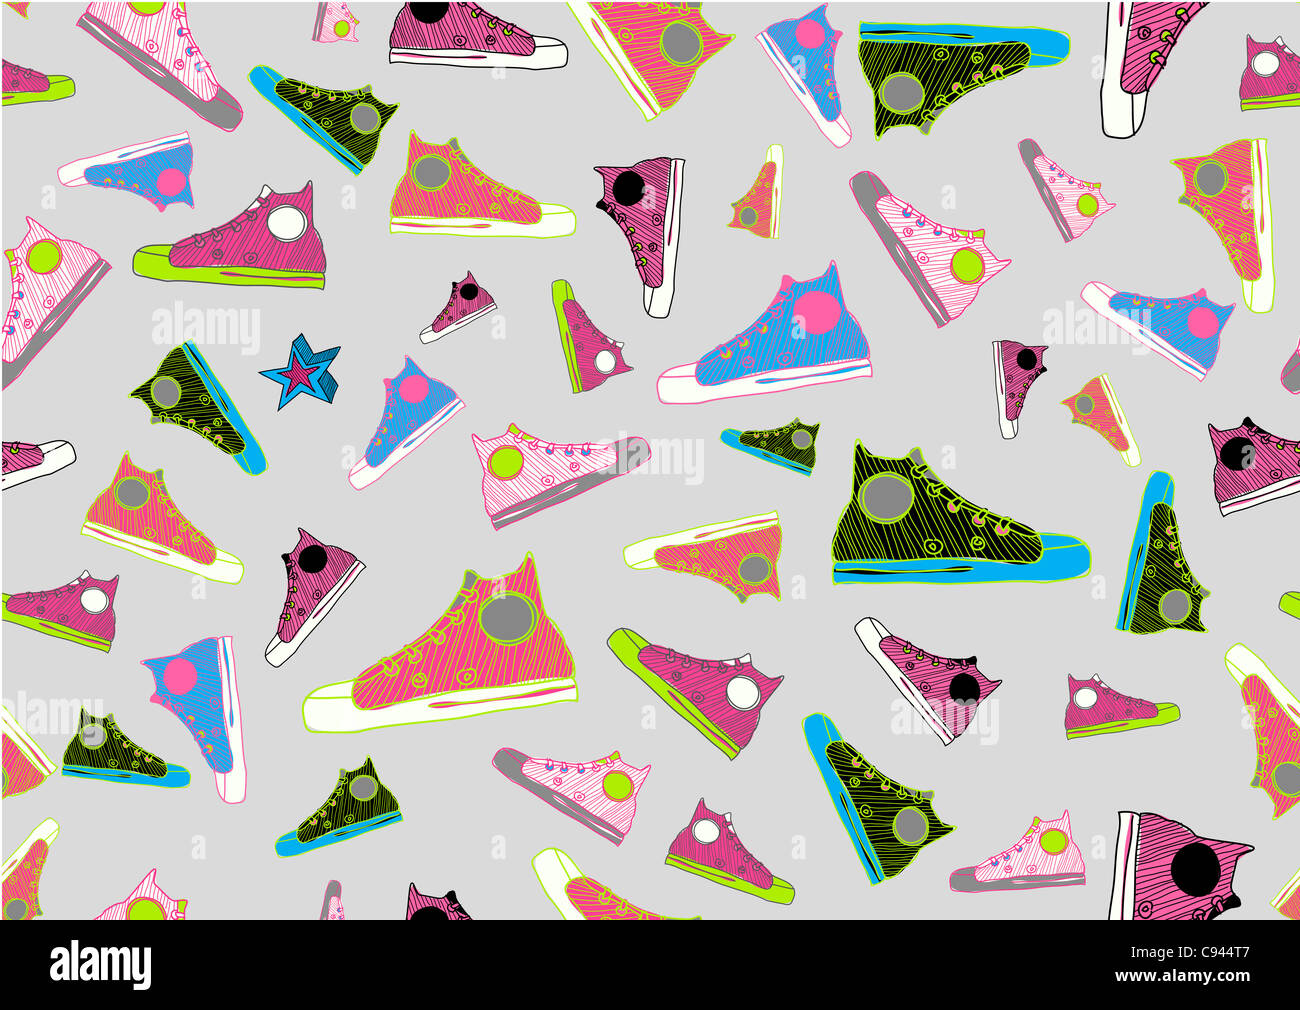 Retro patrón sin fisuras de cool hand-drawn calzado deportivo en diferentes colores. Imagen De Stock